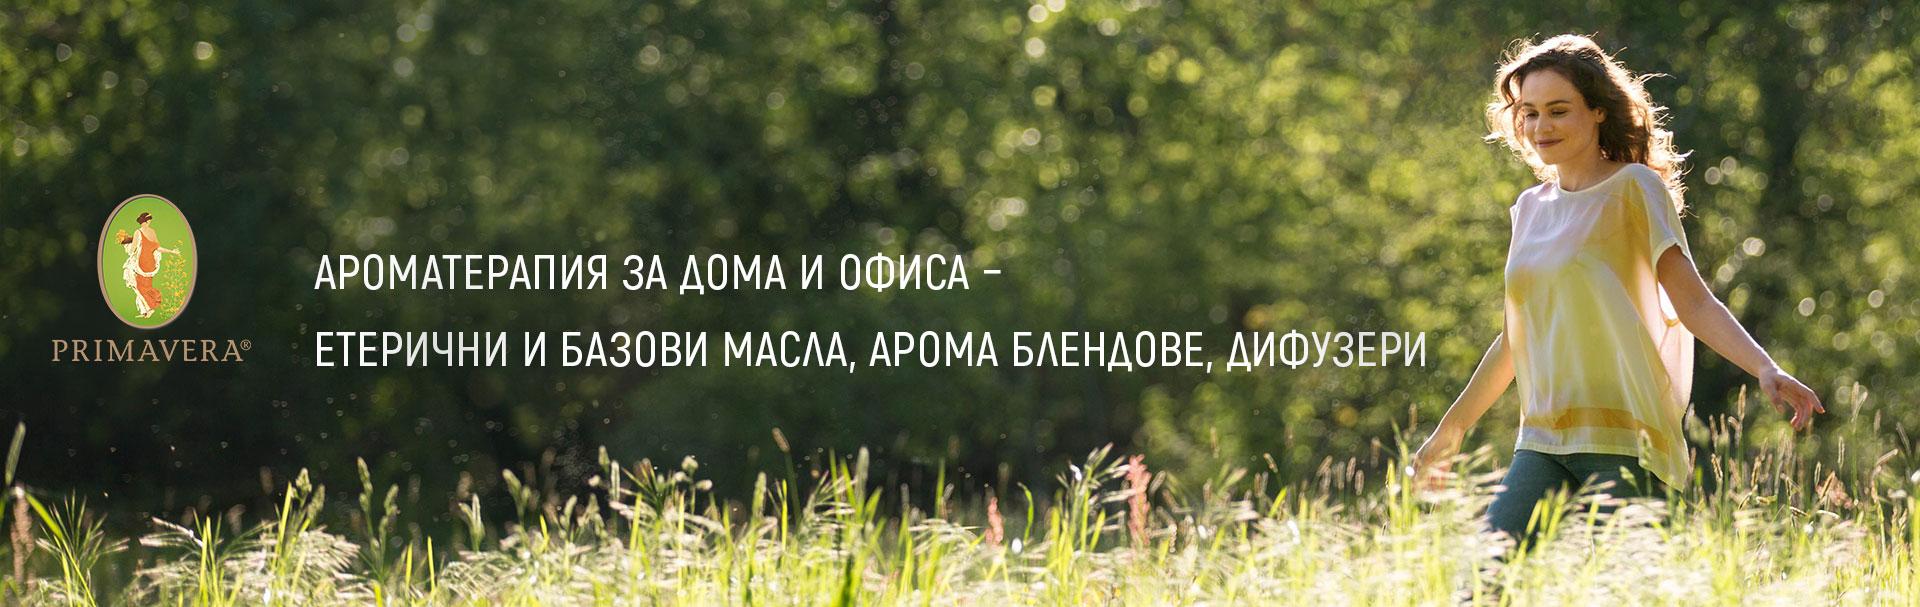 Primavera-life-aromatherapy